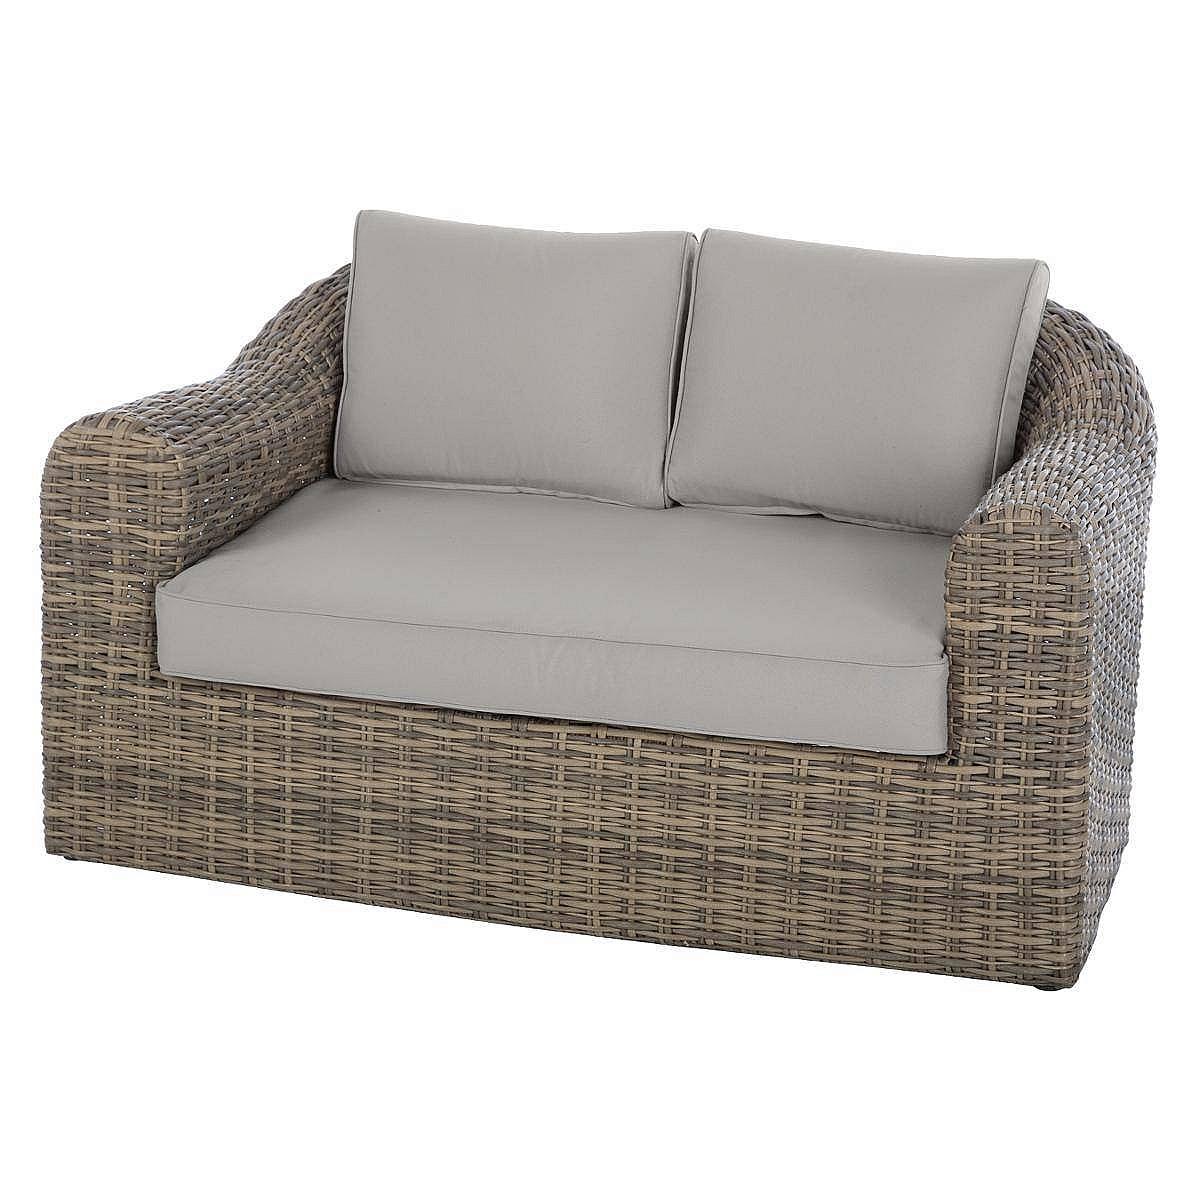 Ratanová lavica pre 2 osoby BORNEO (hnedá)